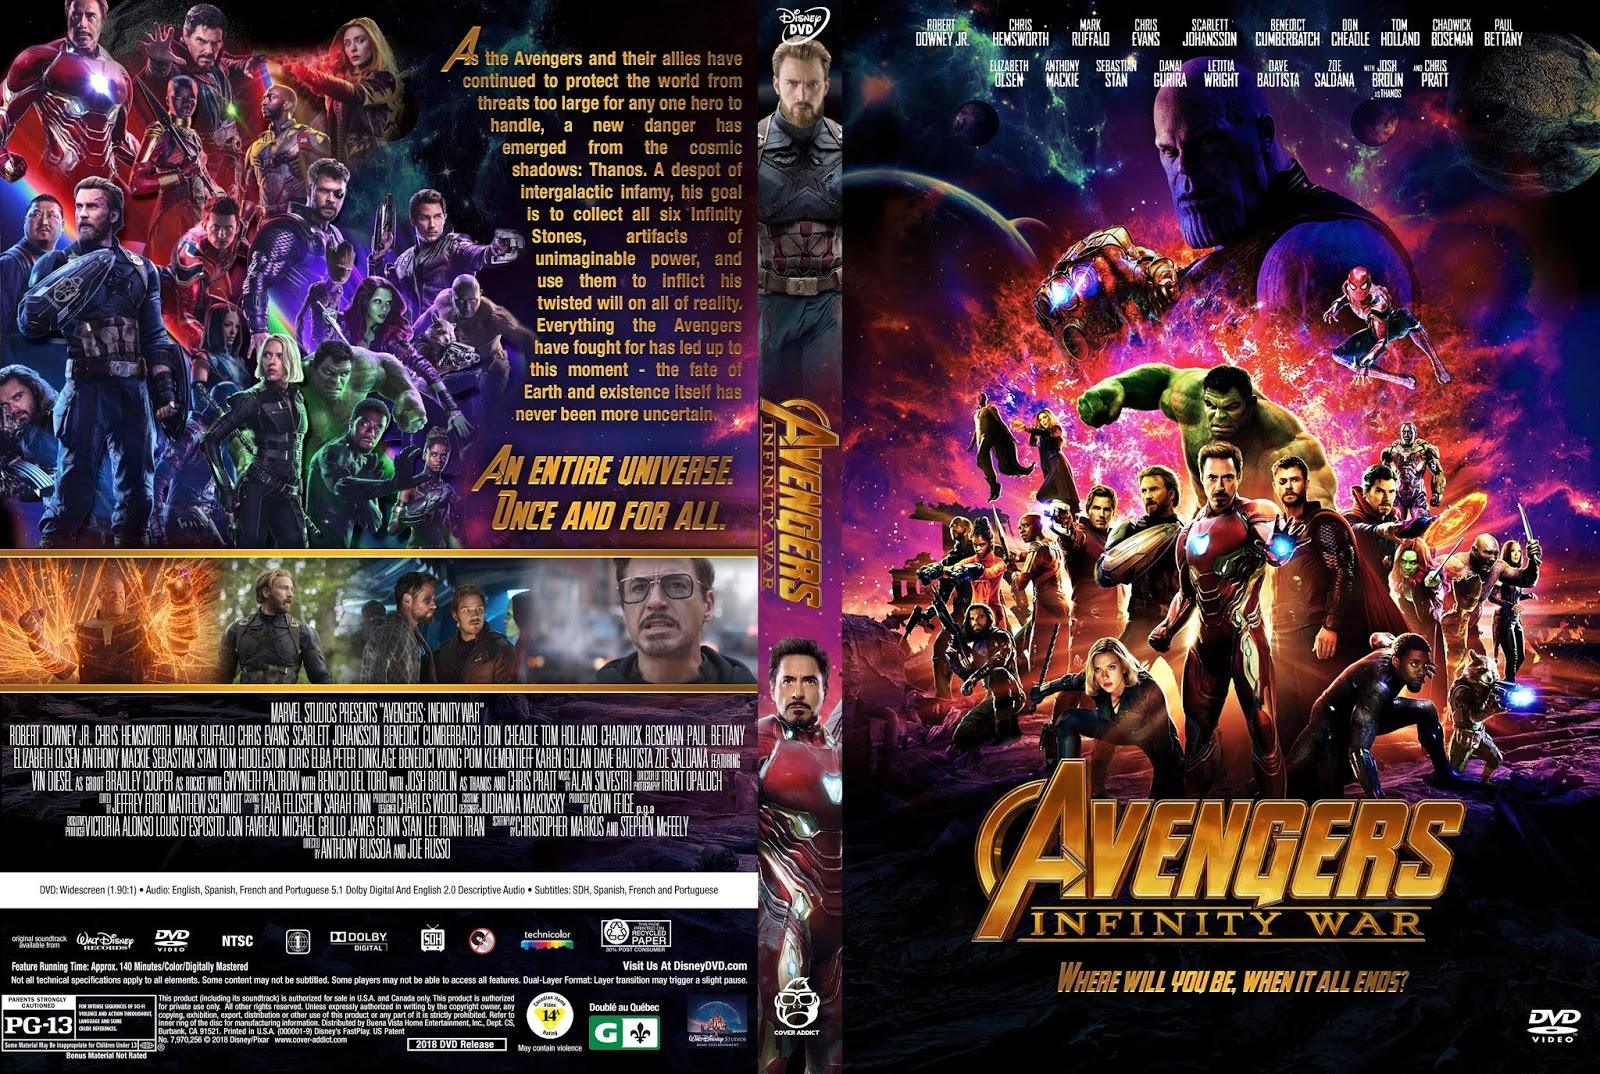 Ende Avengers Infinity War